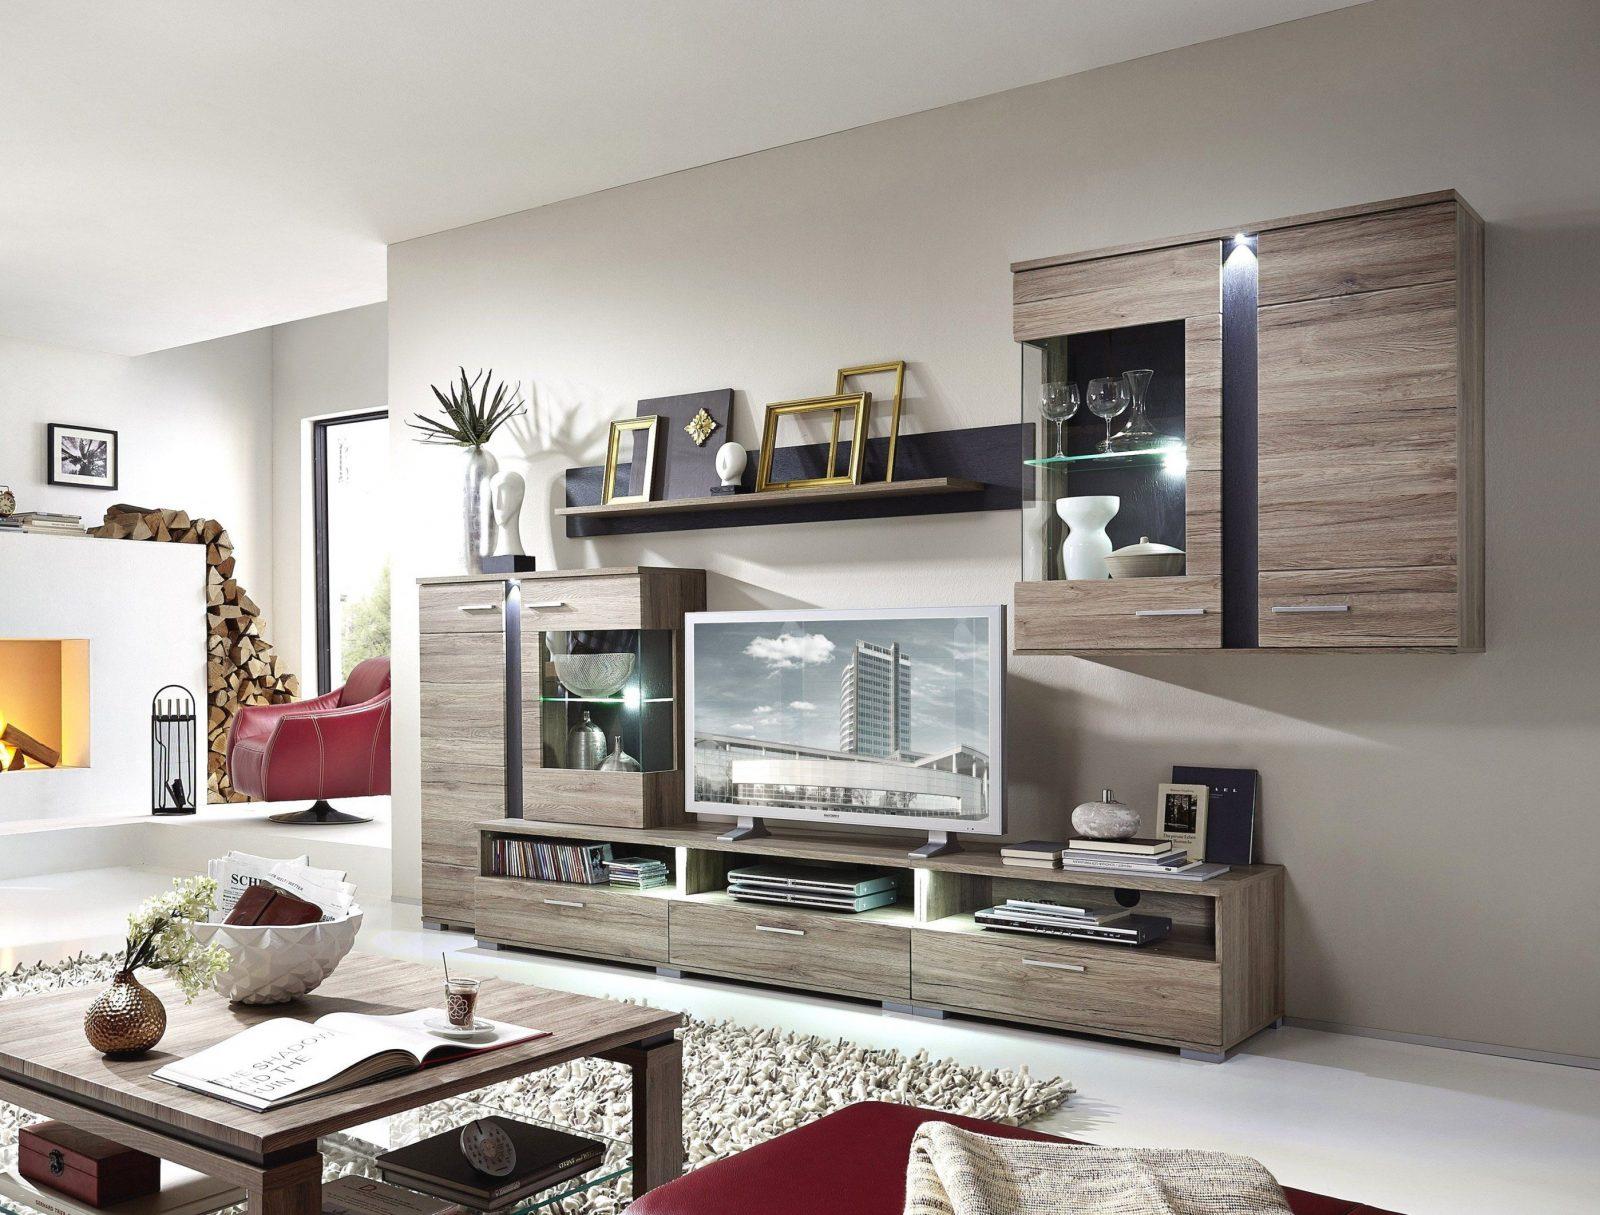 Wohnideen  Welche Farbe Passt Zu Grauen Mobeln Und Neu Luxus Welche von Welche Wandfarbe Passt Zu Grauen Möbeln Photo